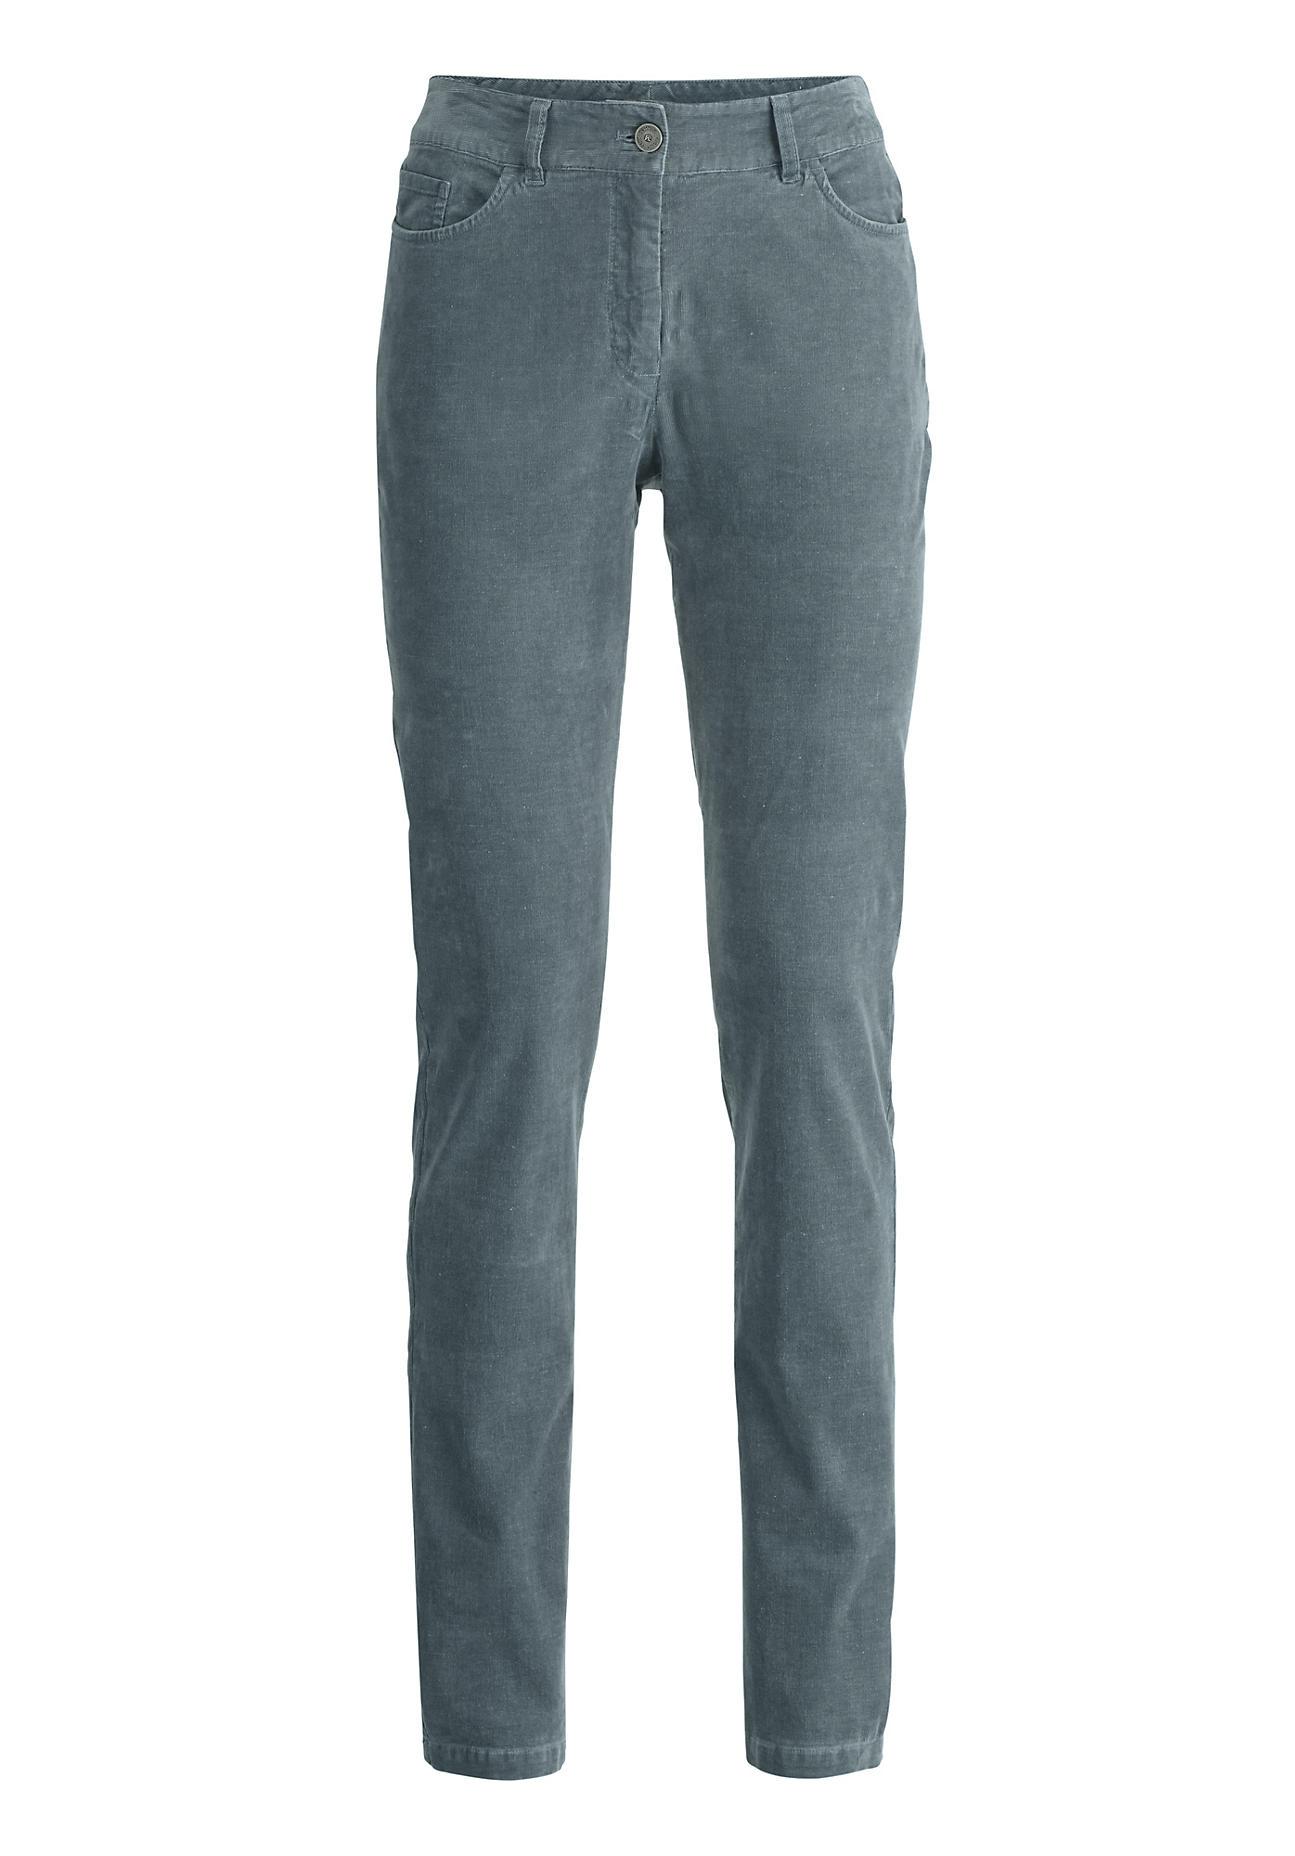 Hosen für Frauen - hessnatur Damen Cord Hose aus Bio Baumwolle mit Hanf – grün –  - Onlineshop Hessnatur